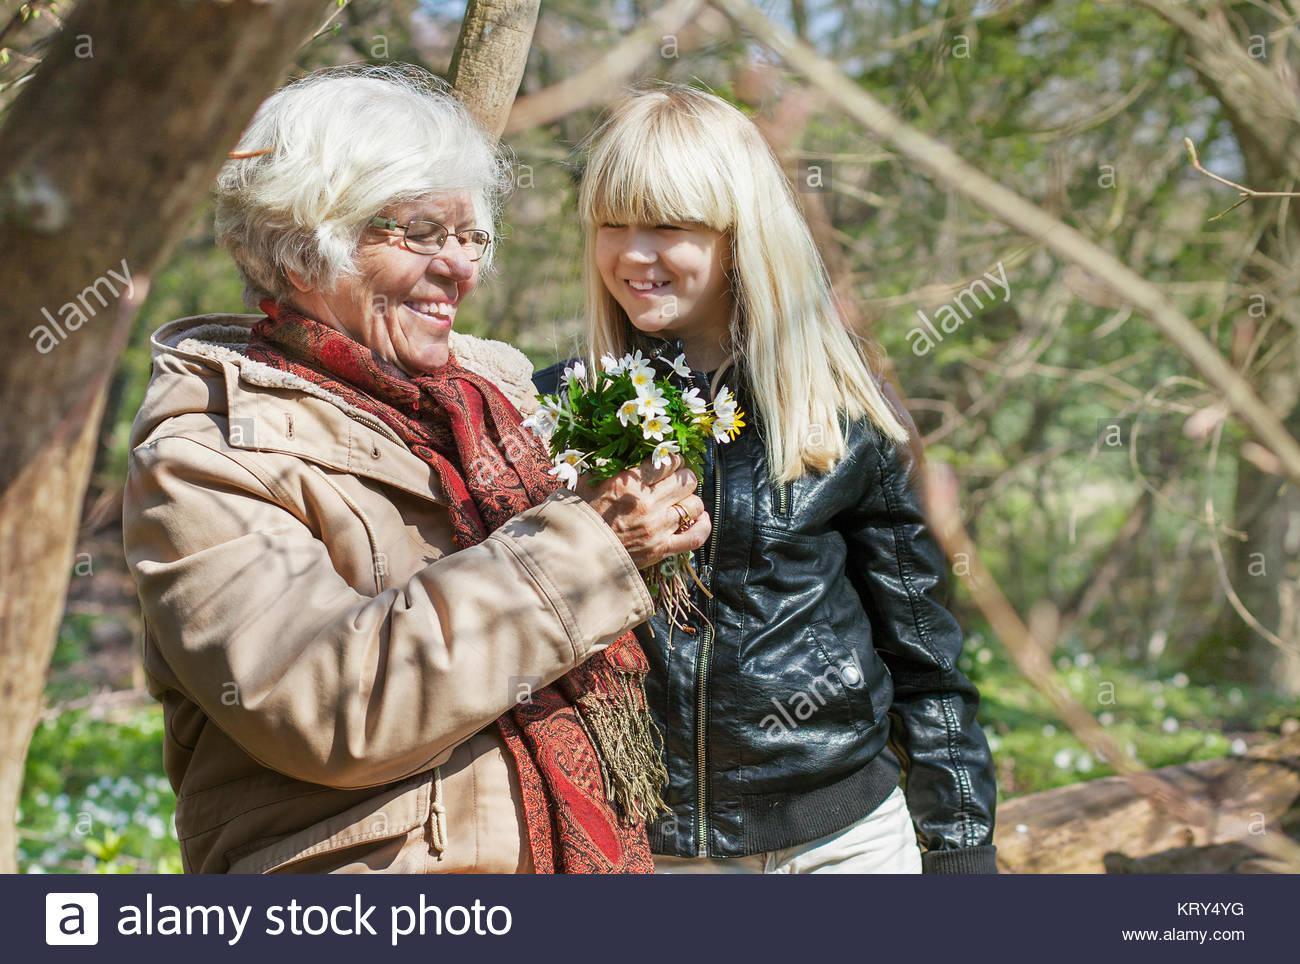 Ragazza la raccolta di fiori con sua nonna Immagini Stock